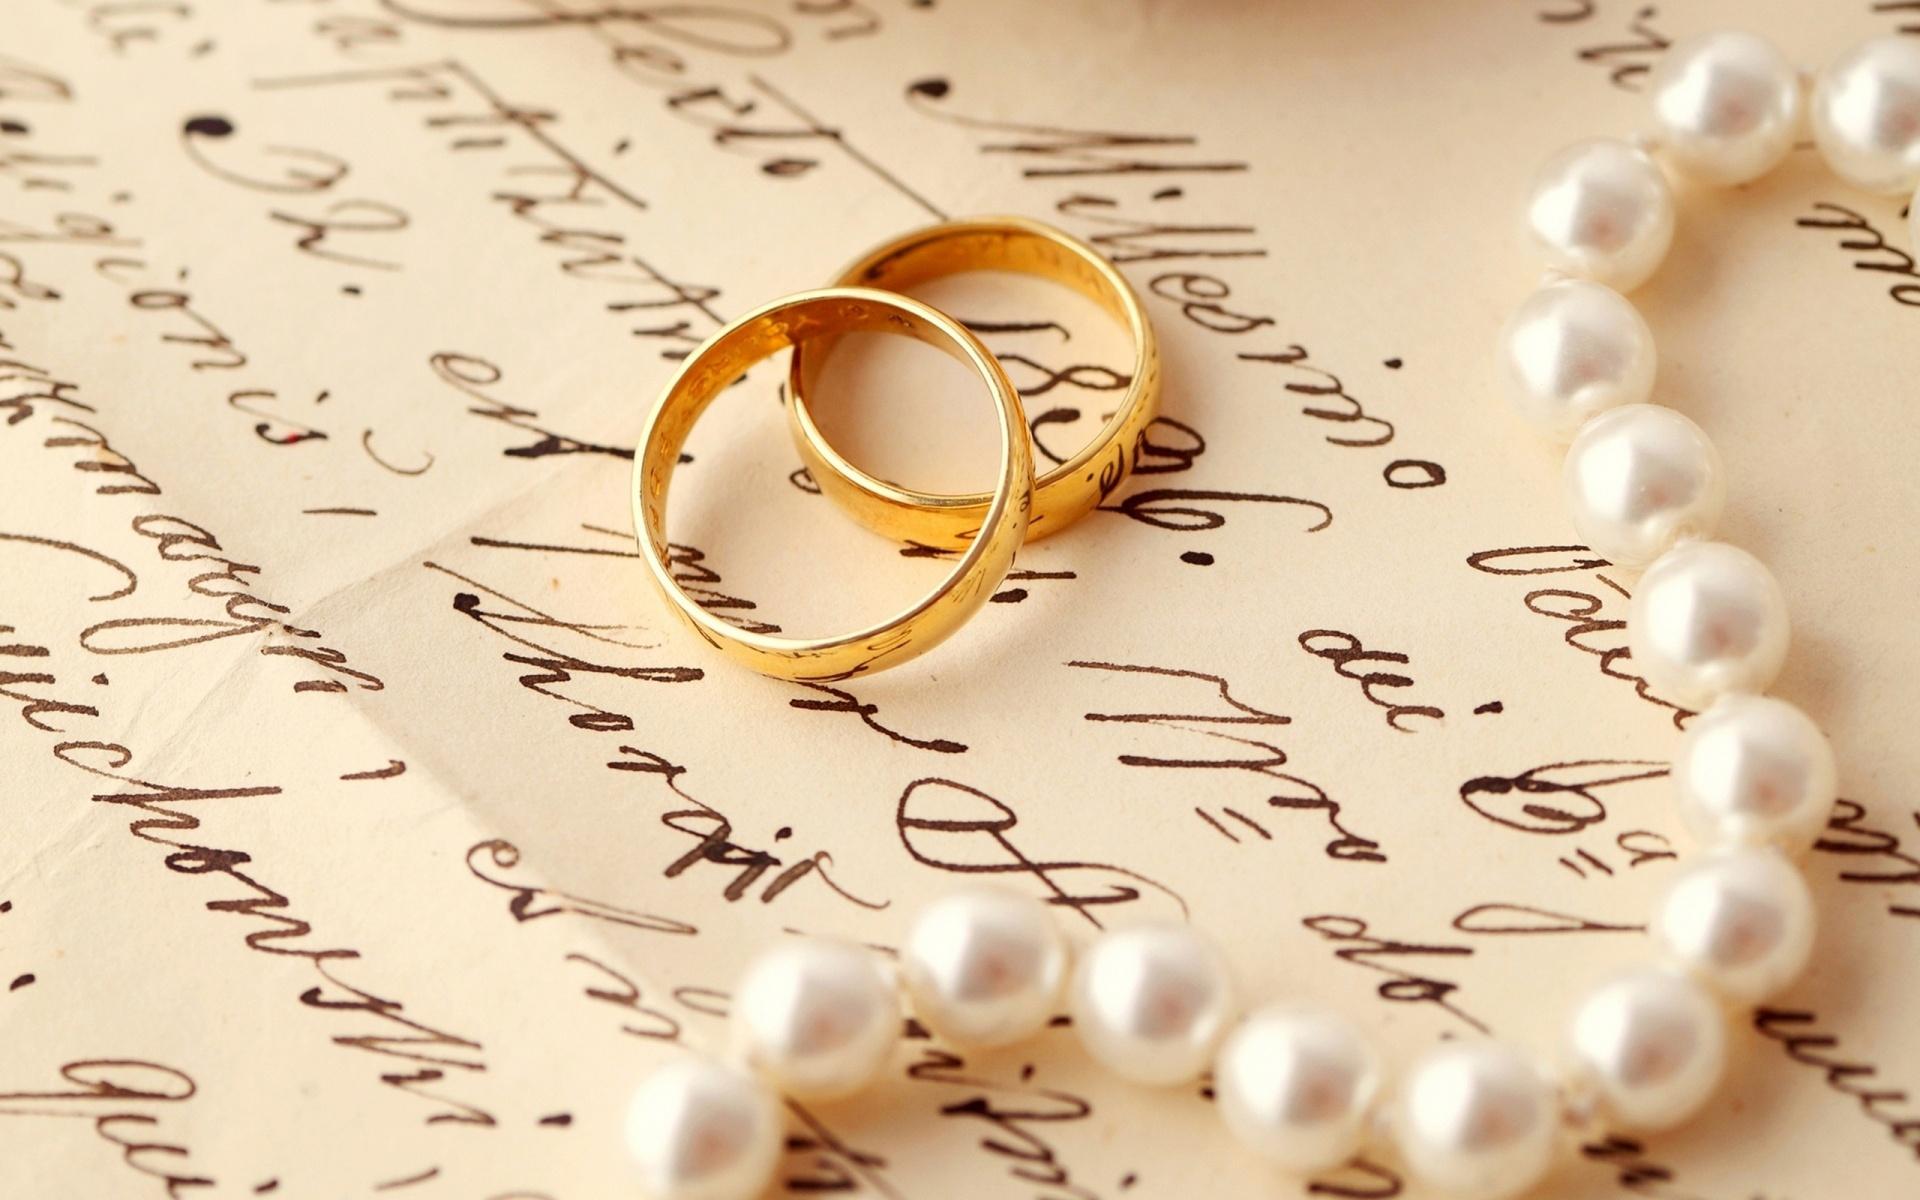 Dos anillos y collar sobre un texto manuscrito.